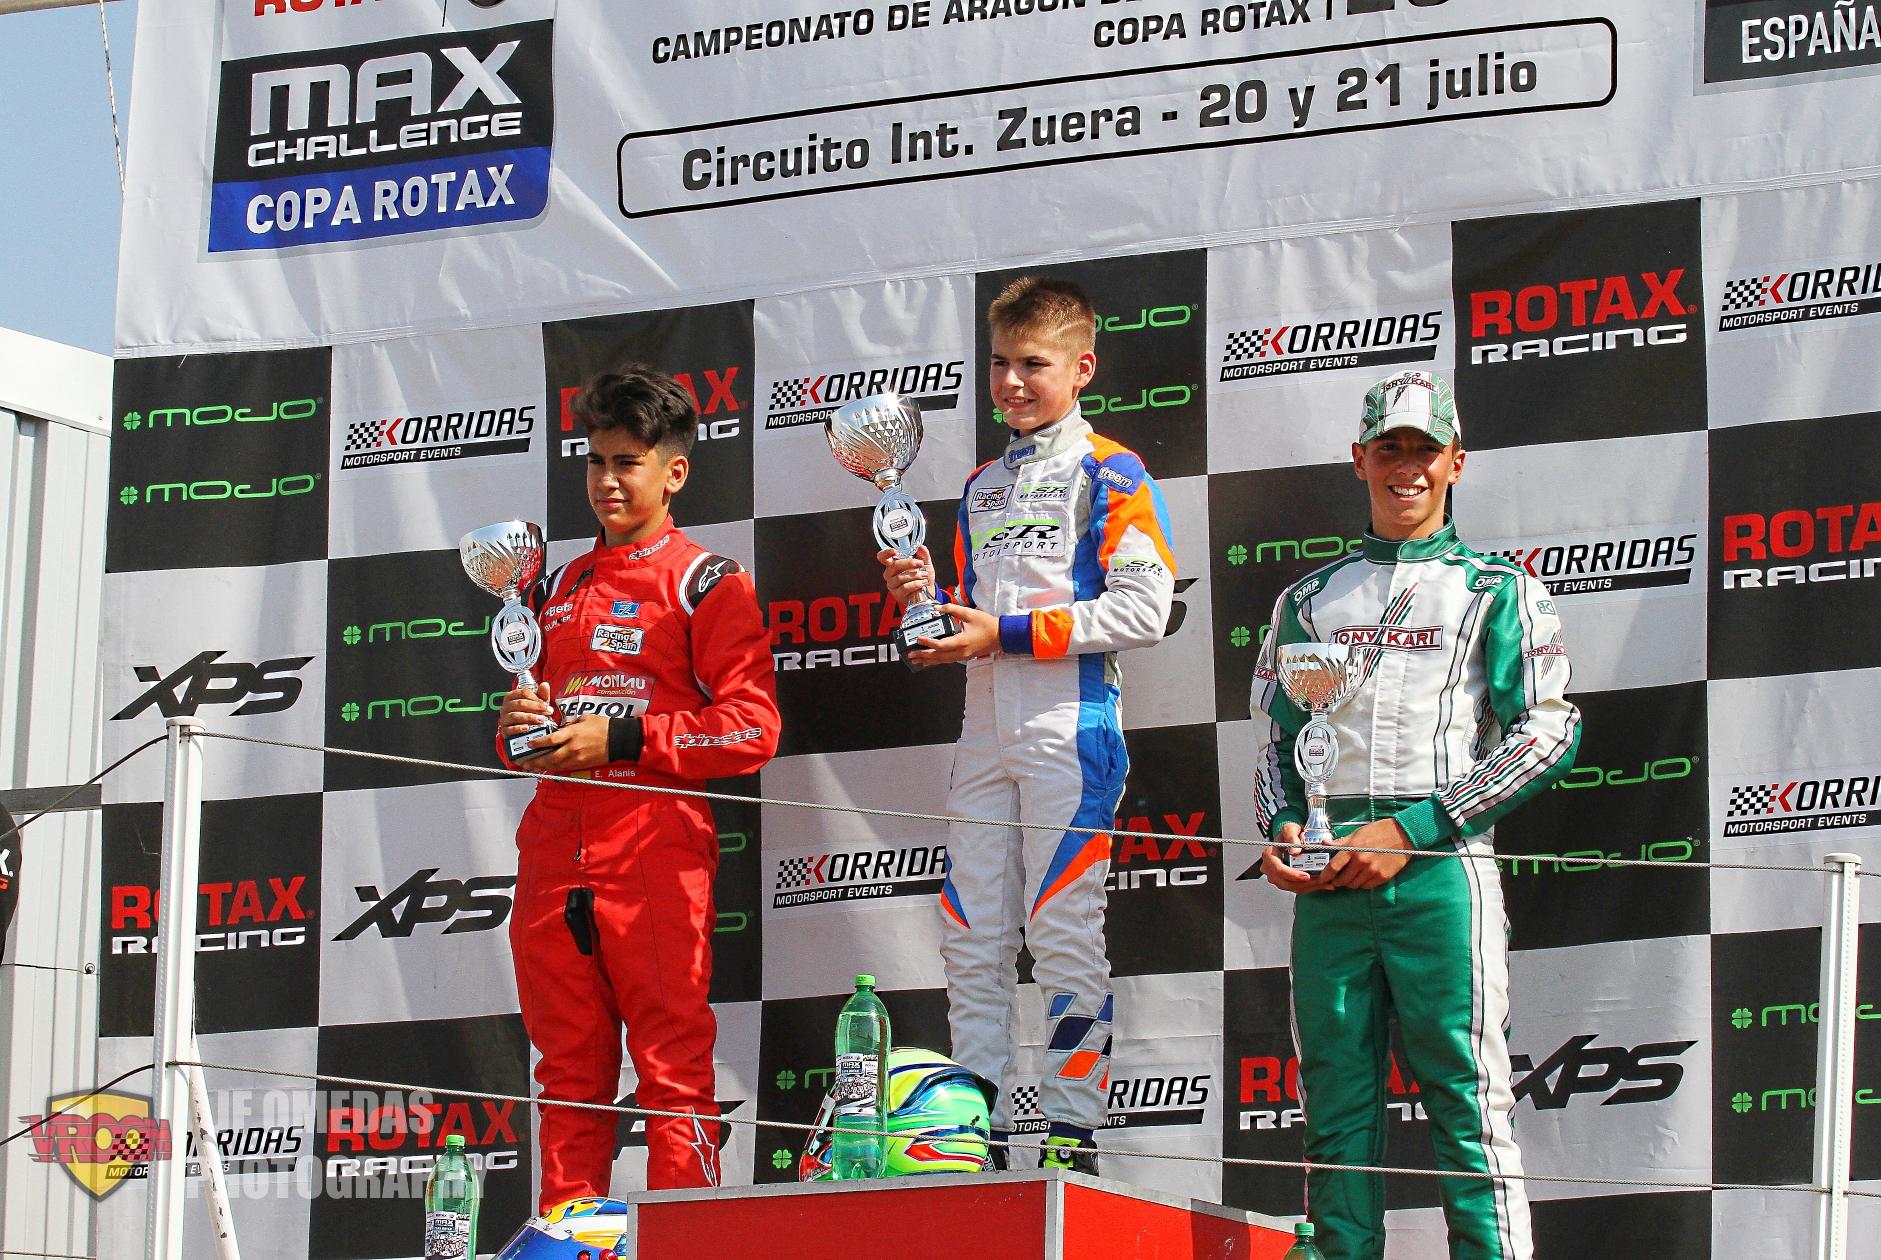 Copa Rotax Junior - Félix Aparicio en cabeza, seguido de Eric Alanis